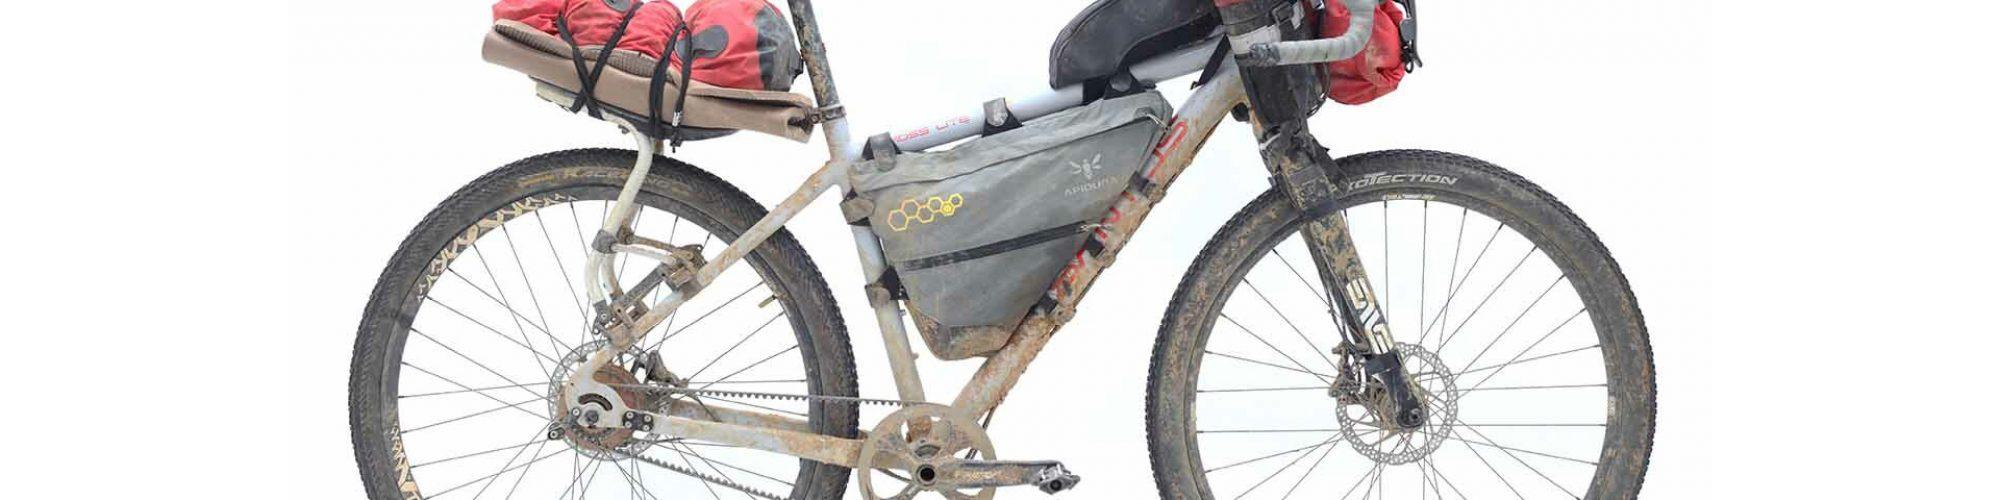 Bike packing